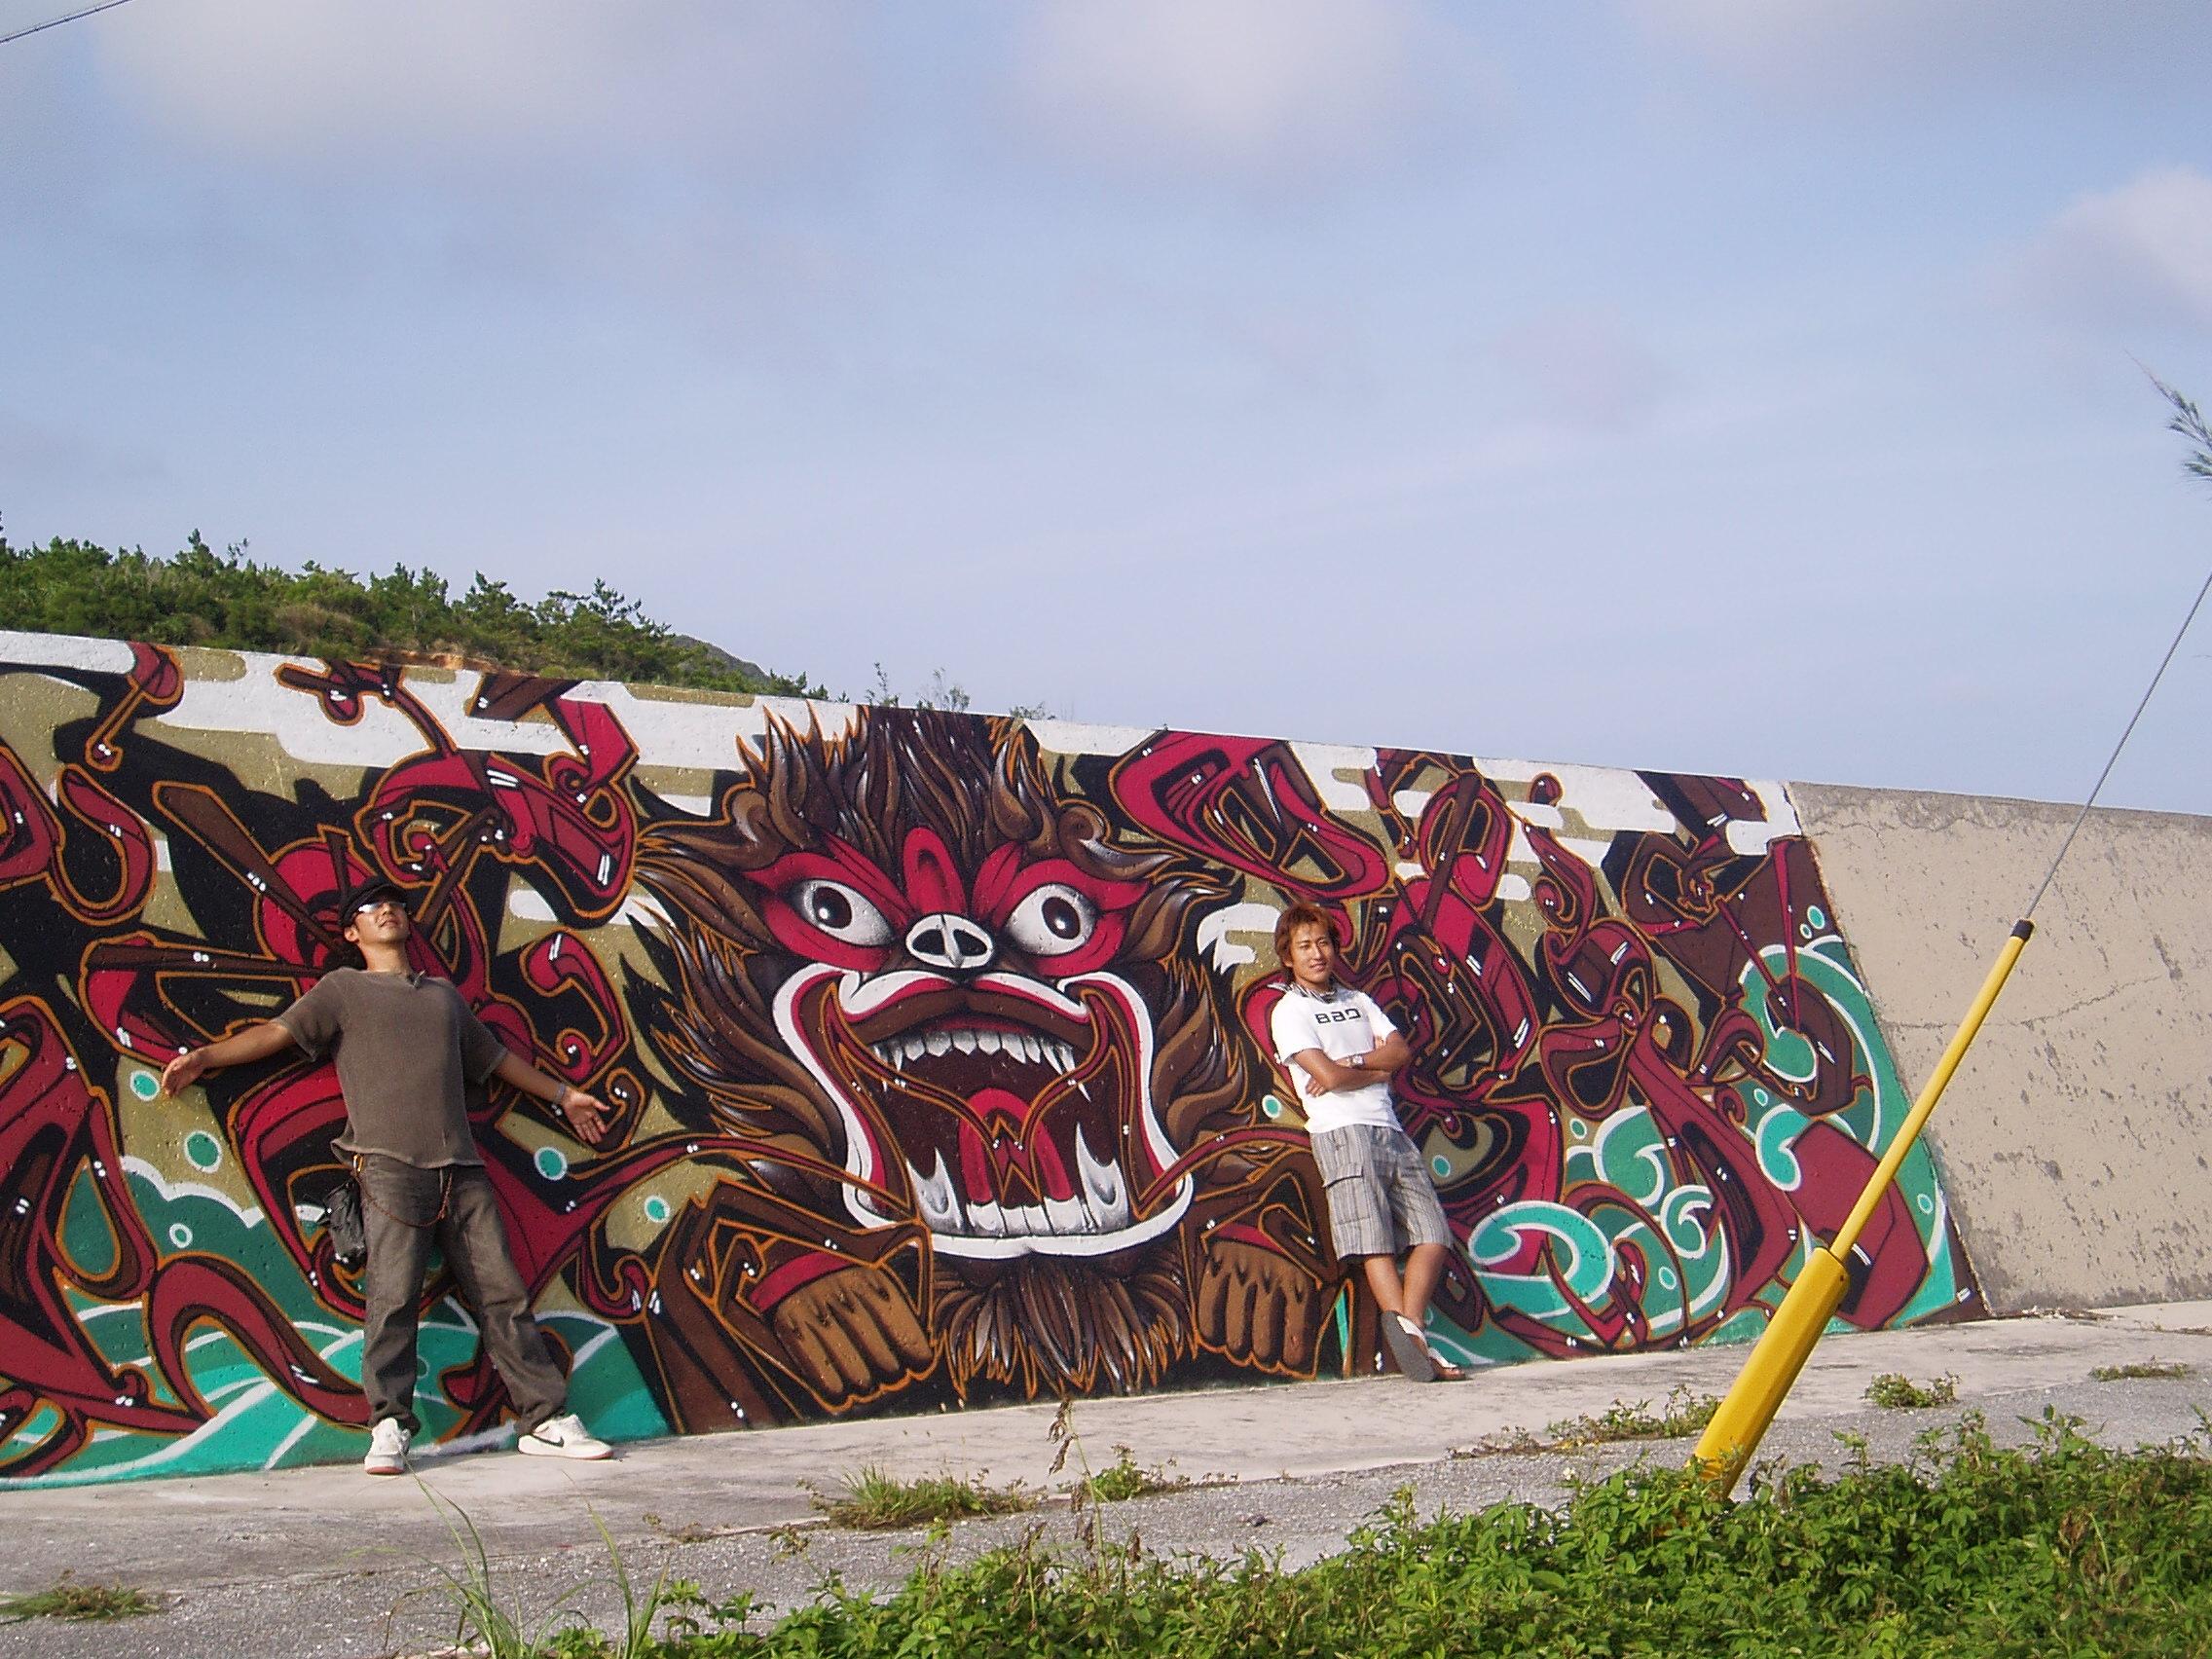 琉球シーサー壁画